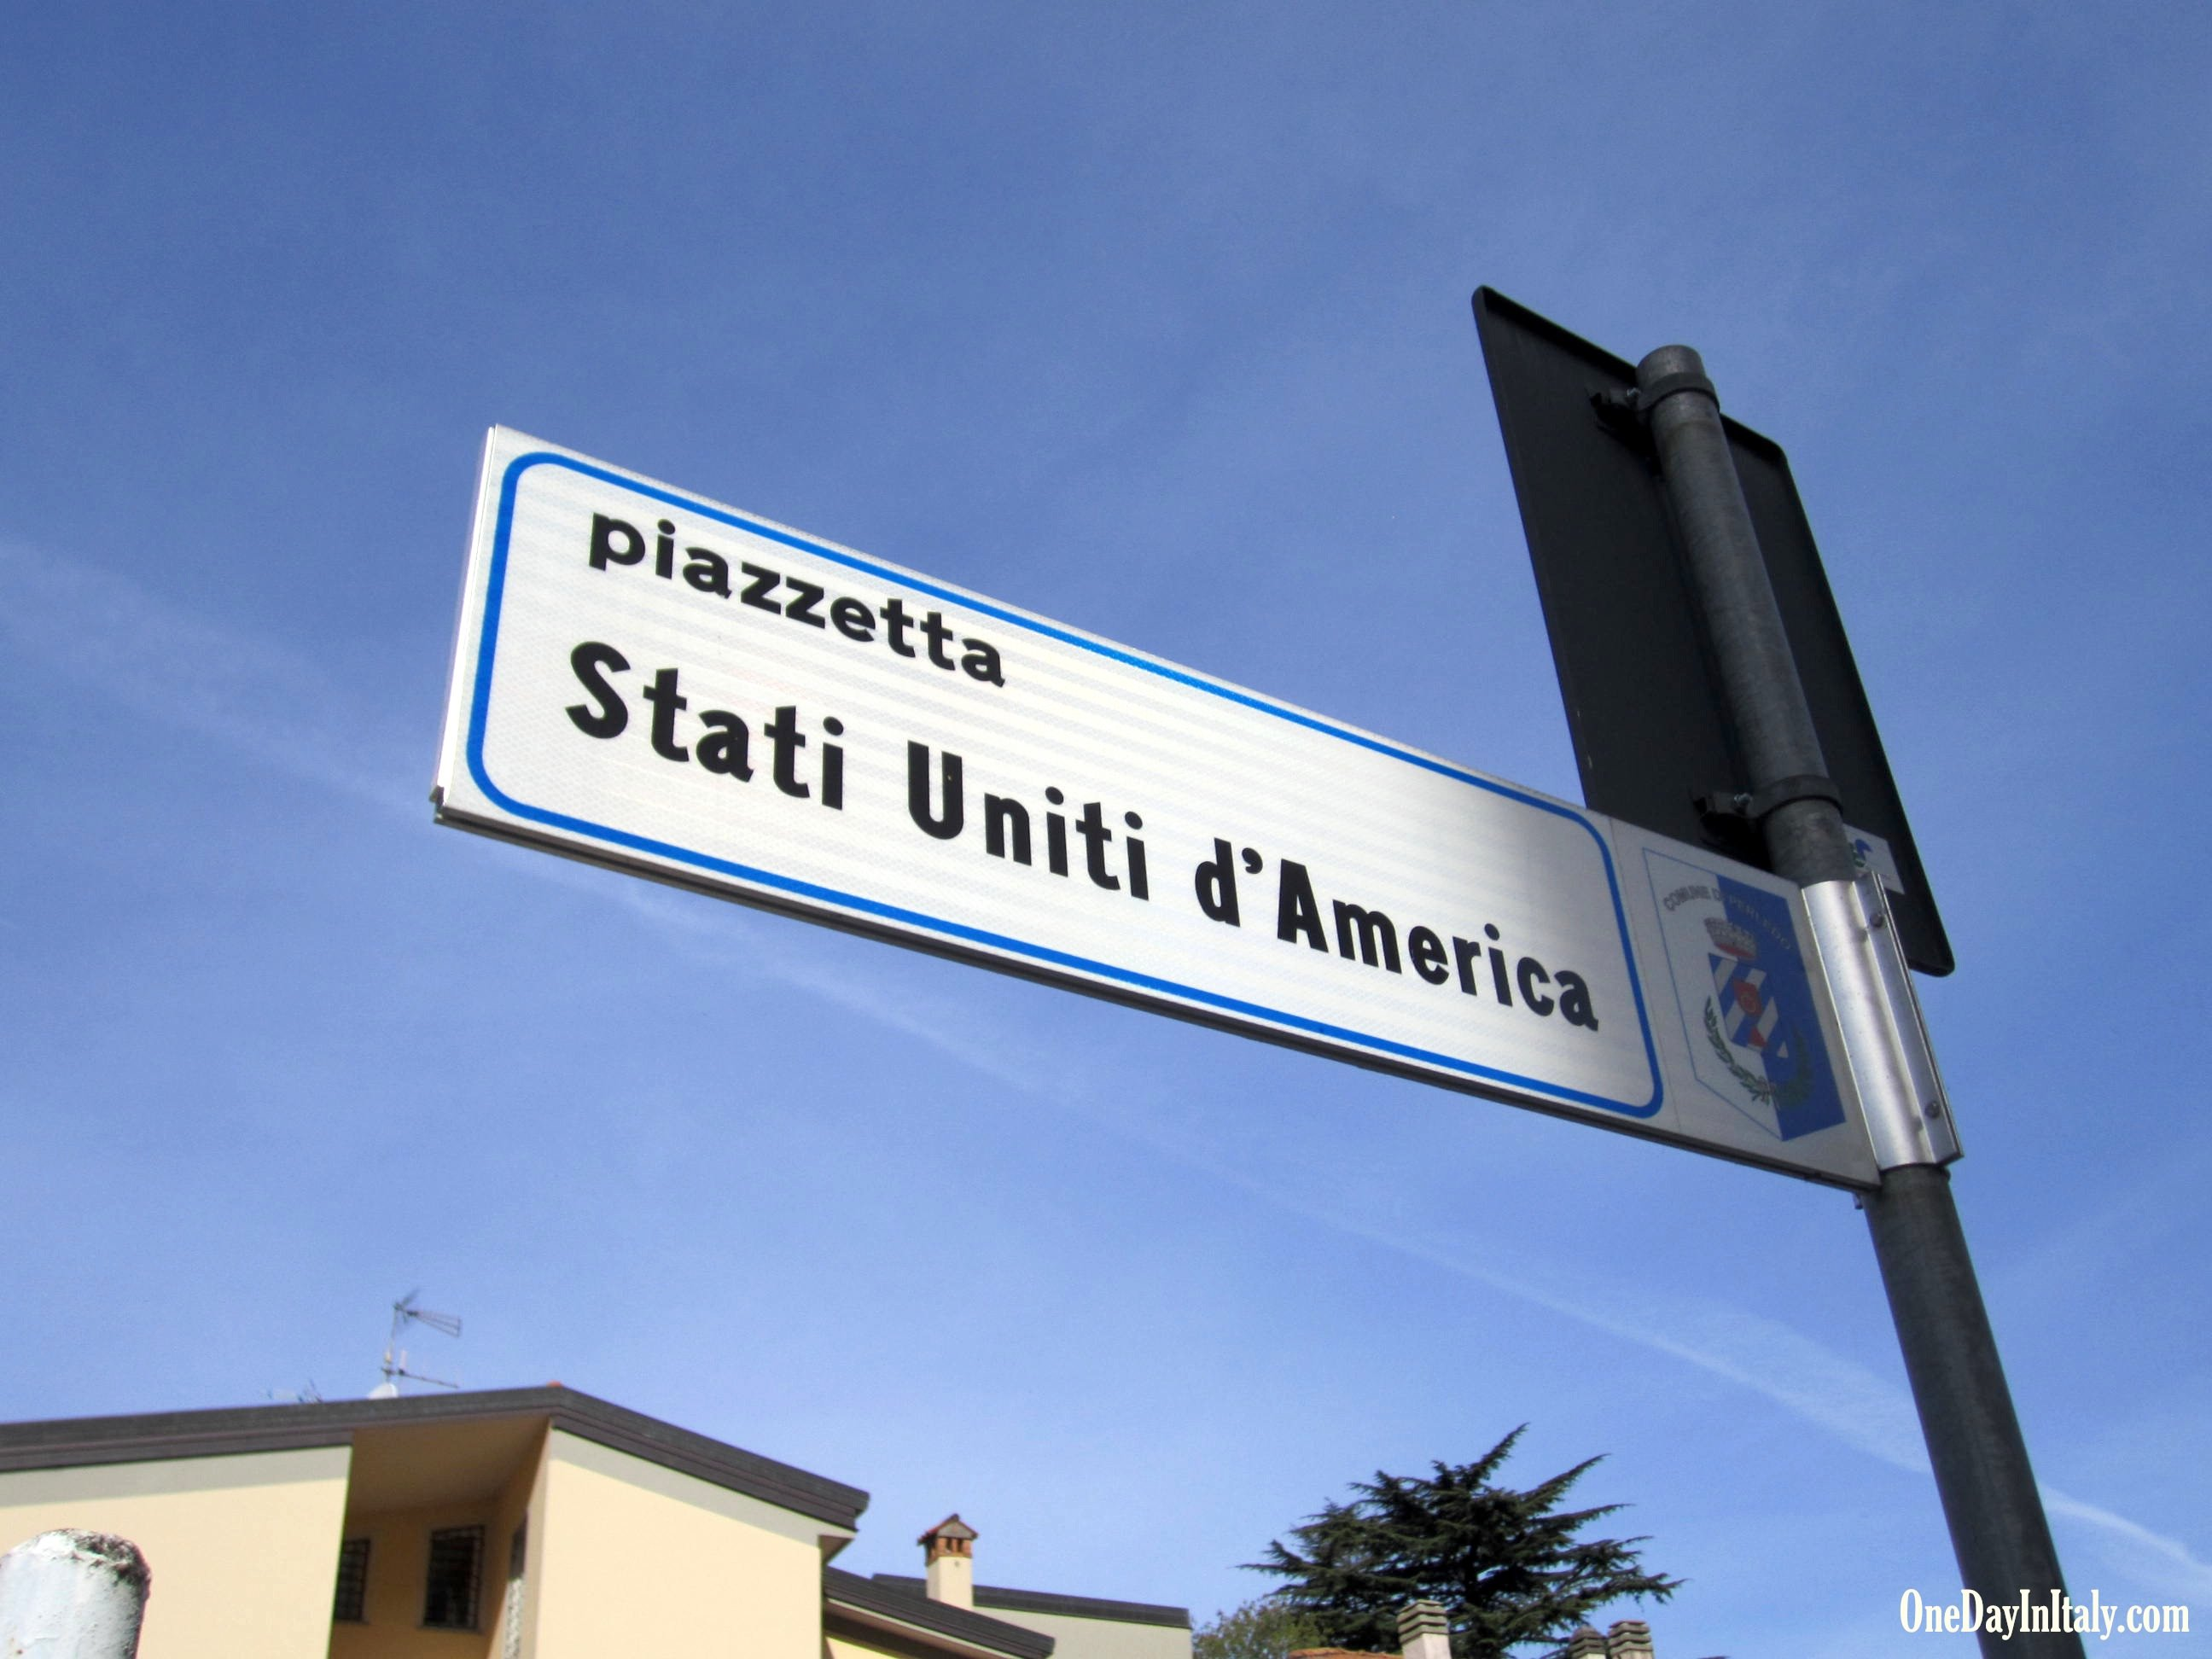 Varenna, Piazetta Stati Uniti d'America